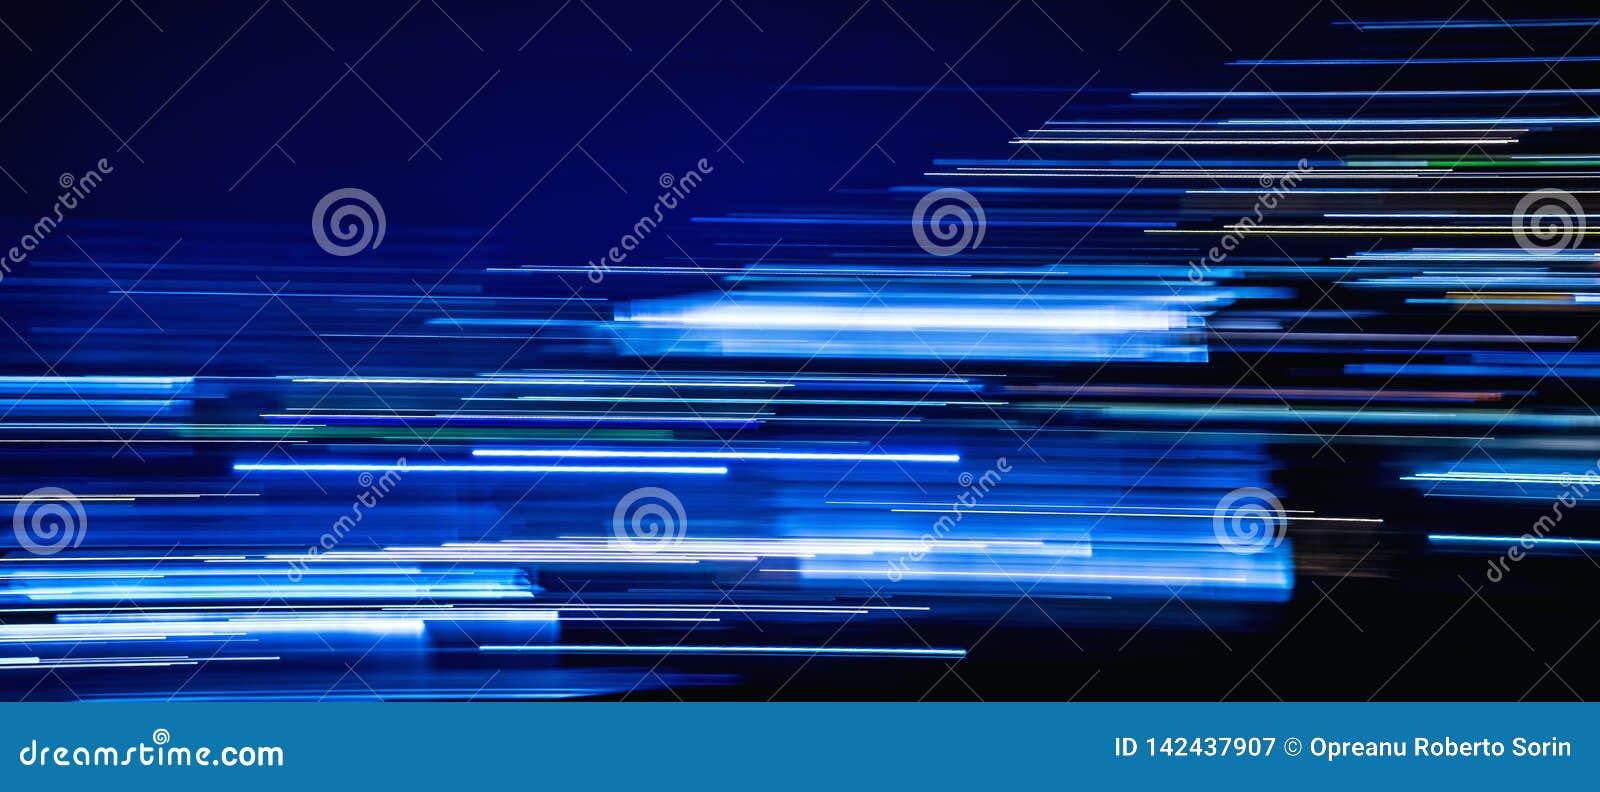 Μπλε ελαφριά κάλυψη υπόδειξης ως προς το χρόνο ιχνών